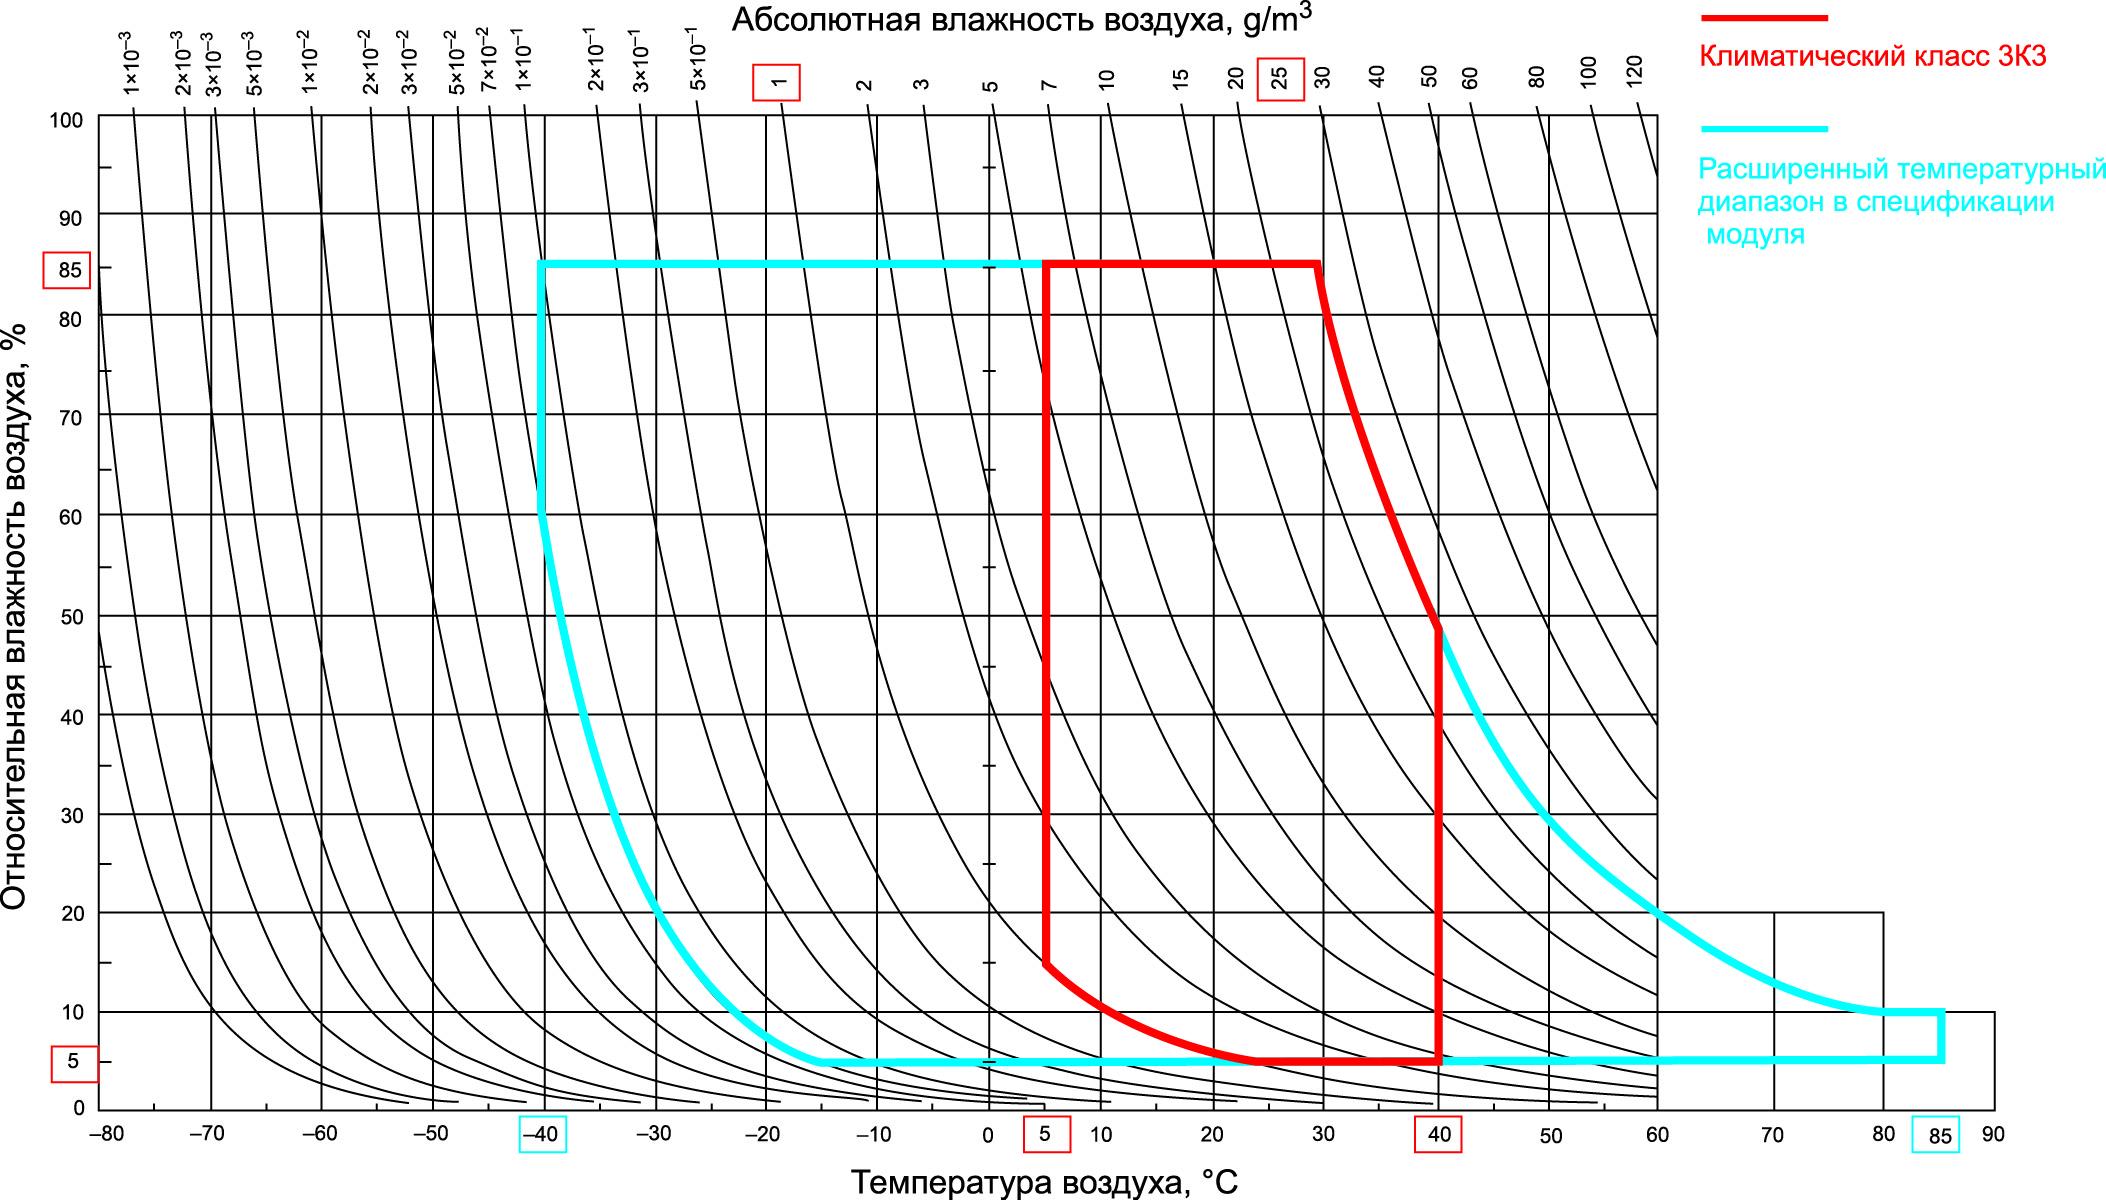 Климатограмма стандарта IEC 60721-3-3 для климатических классов 3К3 и «модифицированного 3К3»